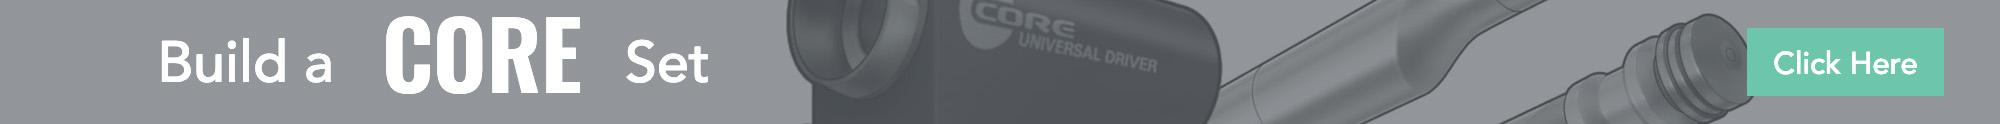 Stryker CORE Micro Drill